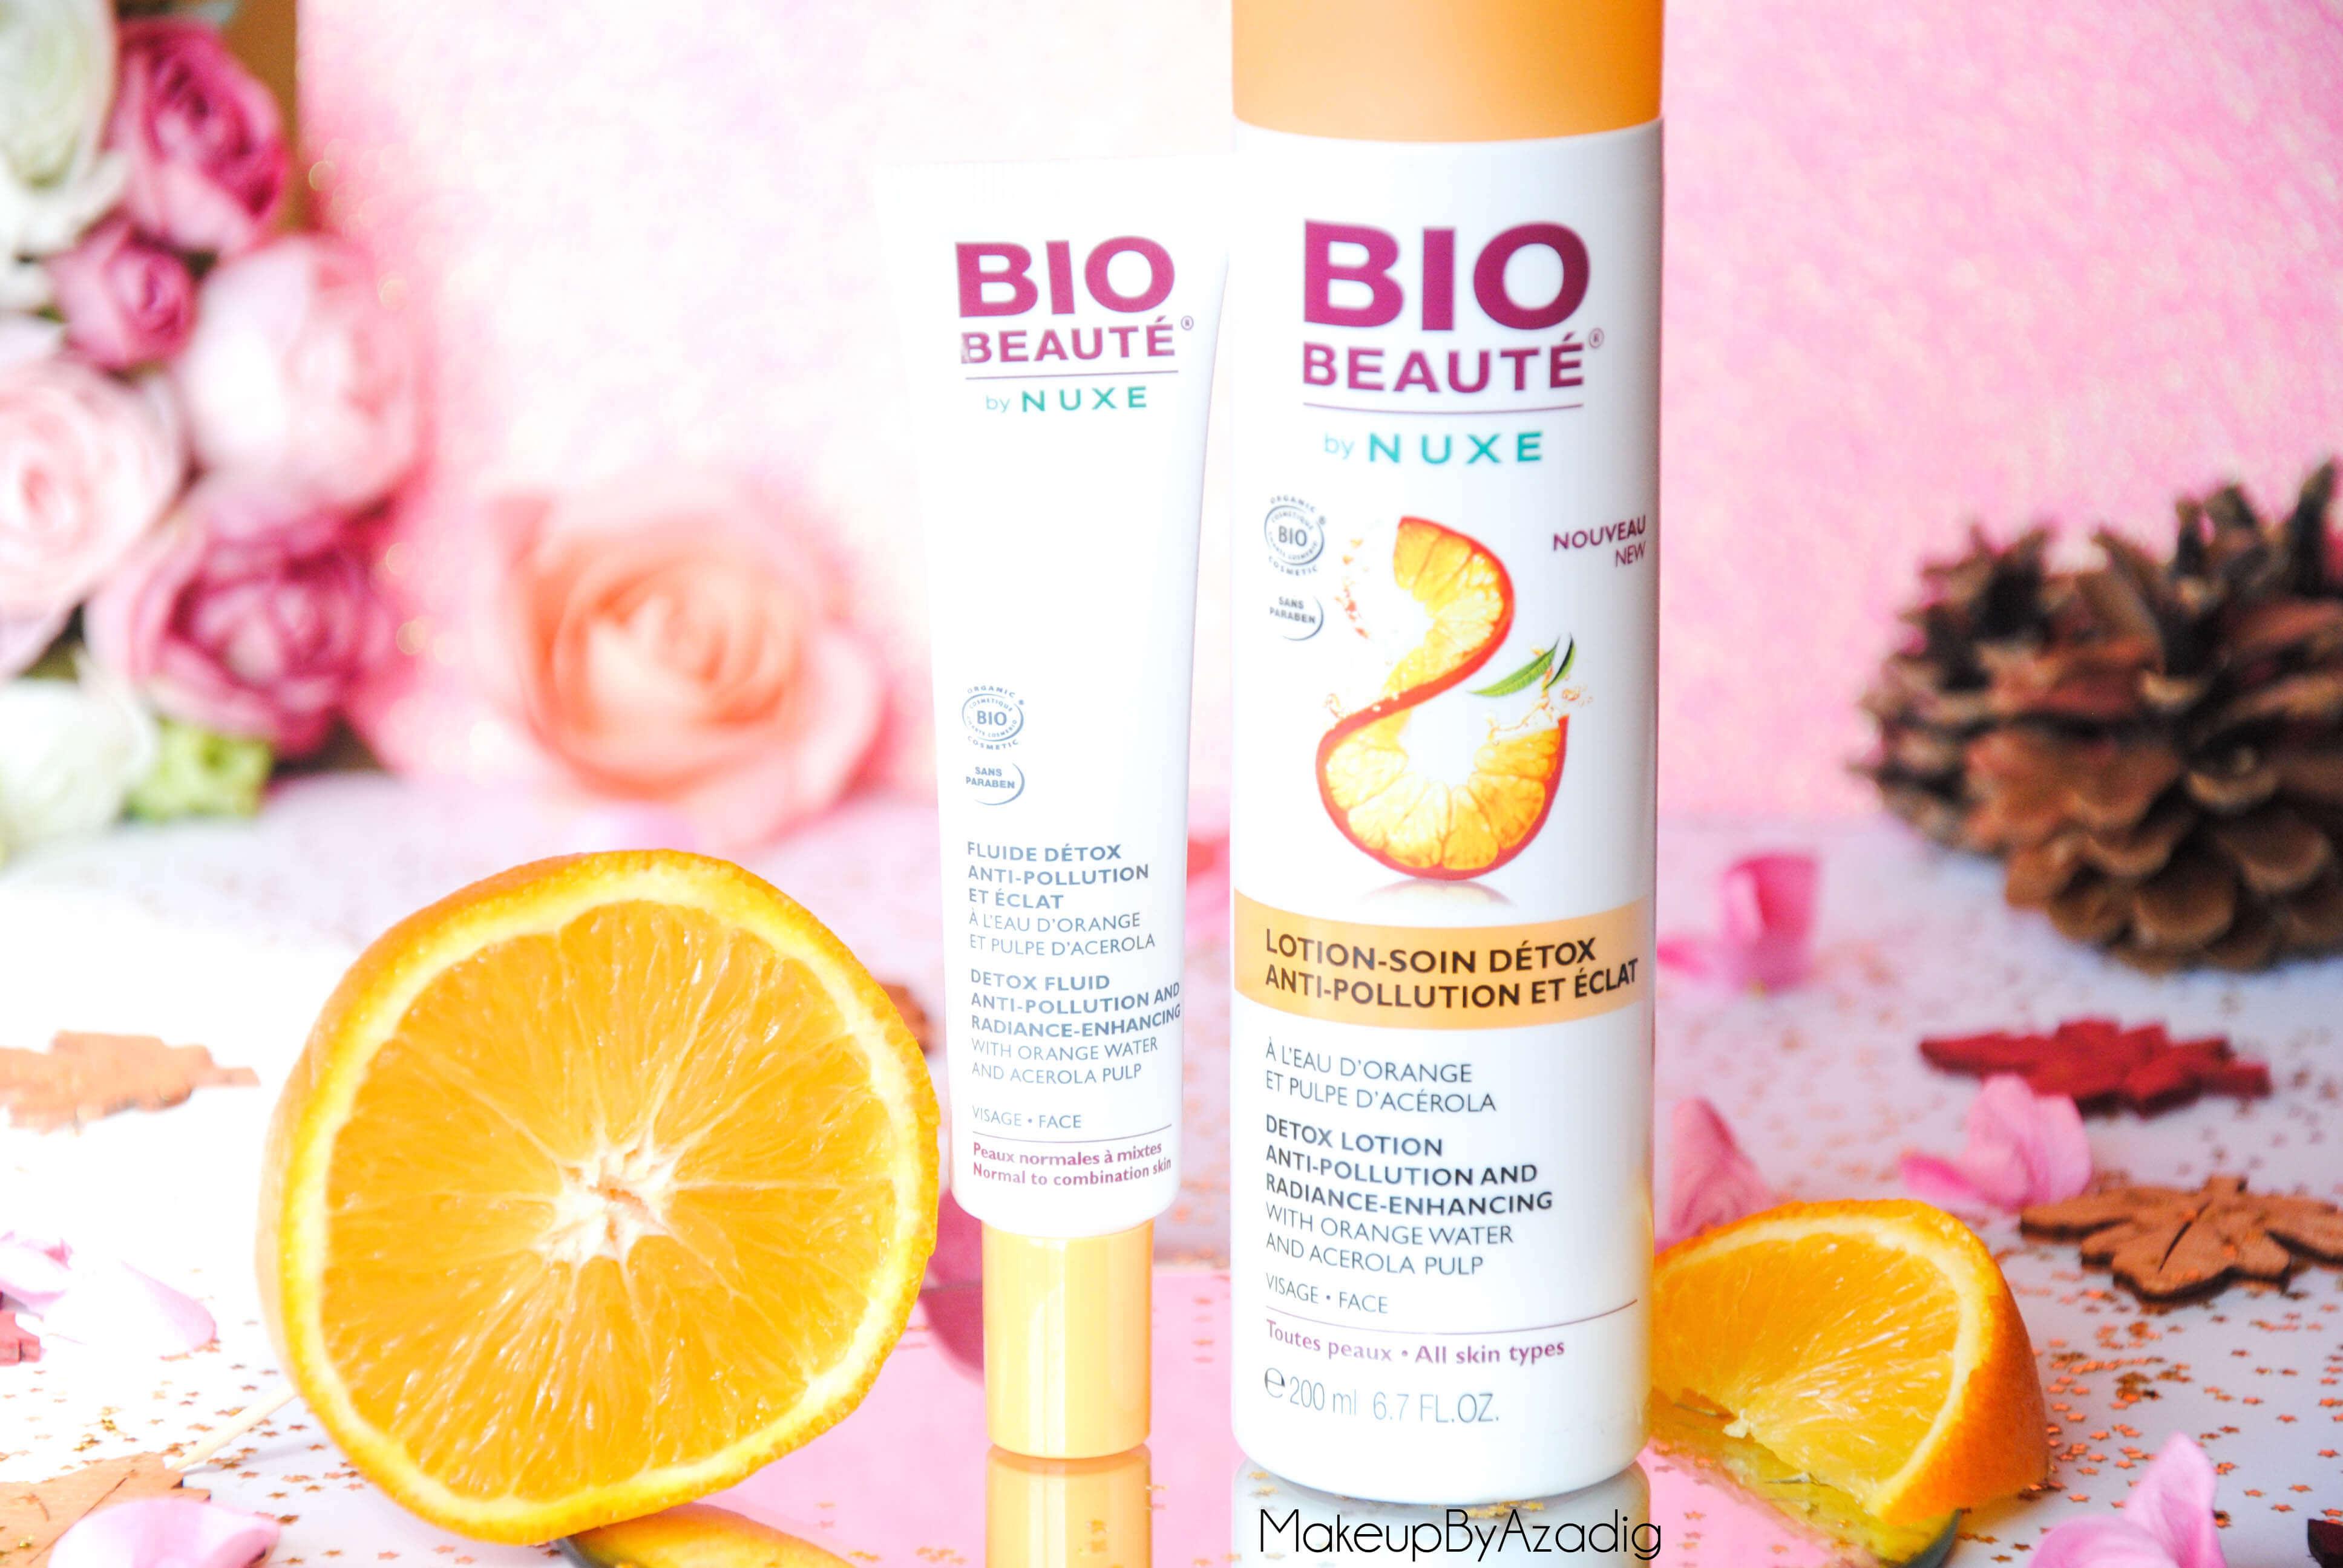 bio-beaute-nuxe-lotion-fluide-creme-contour-des-yeux-masque-orange-acerola-doctipharma-routine-du-matin-detox-eclat-soin-troyes-paris-makeupbyazadig-blog-revue-review-anti-pollution-enjoy